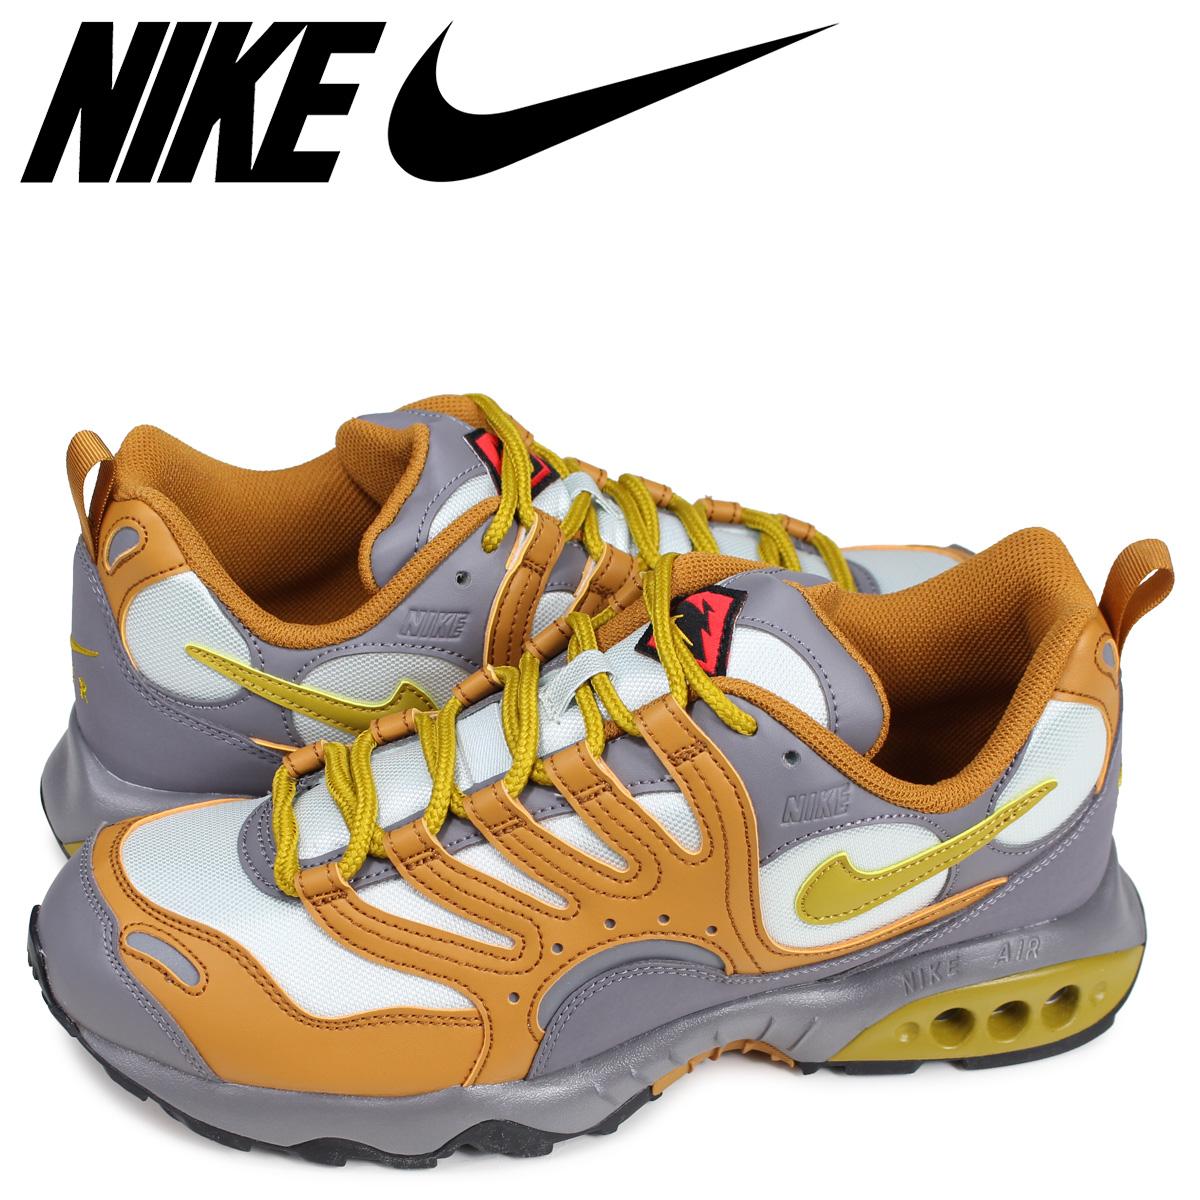 【お買い物マラソンSALE】 NIKE AIR TERRA HUMARA 18 ナイキ エア テラ フマラ 18 スニーカー メンズ グレー AO1545-700